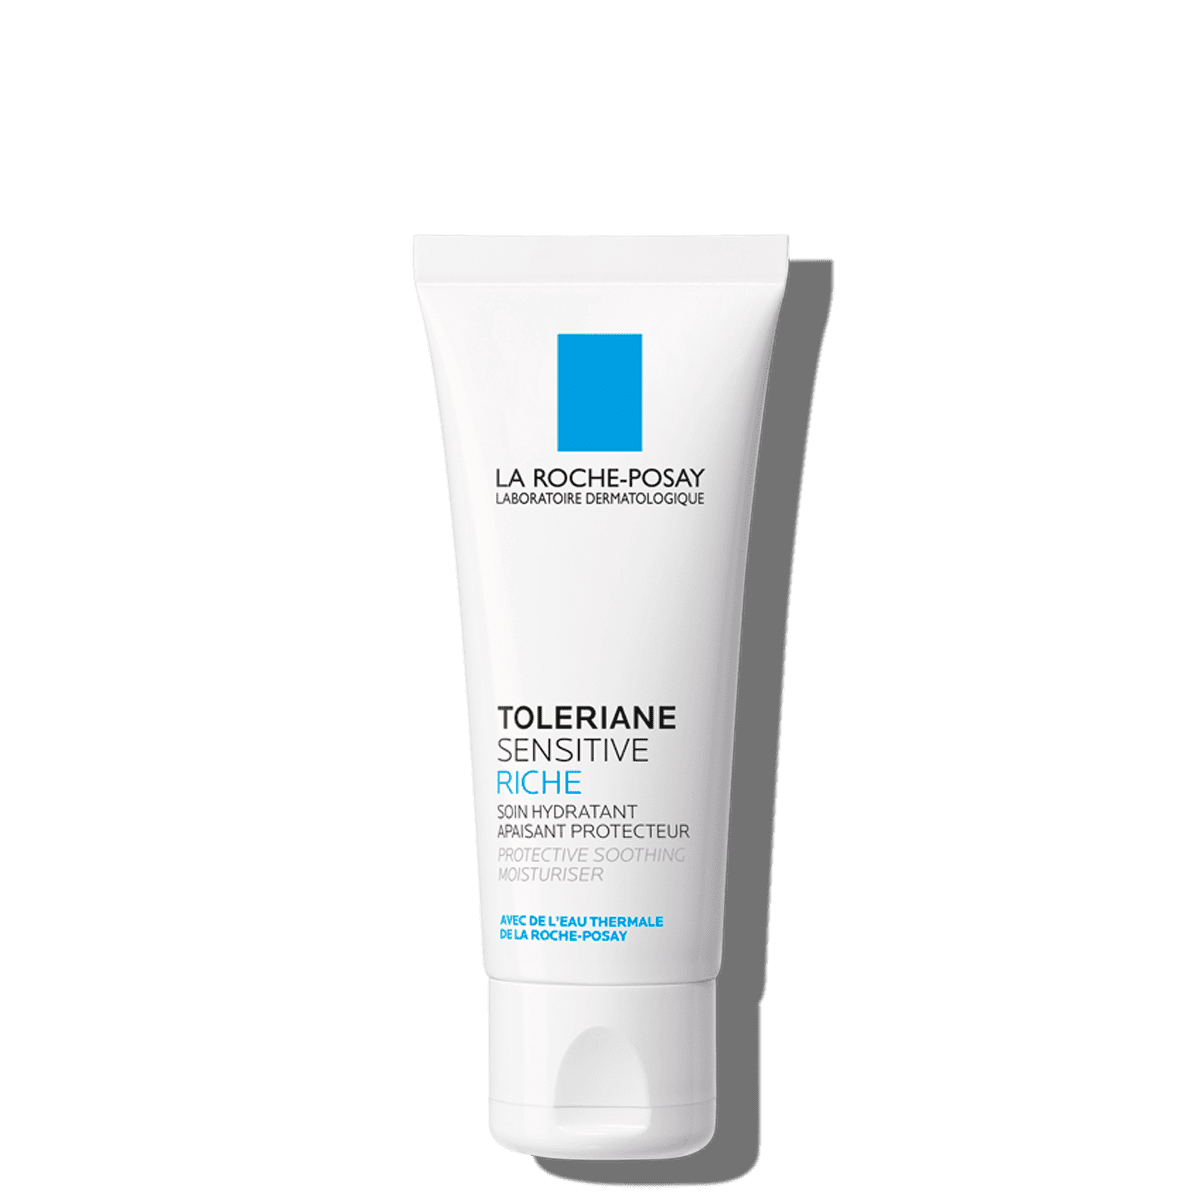 La Roche Posay ProduktSide Sensitiv Tendens til allergi Toleriane Fed 40ml 343